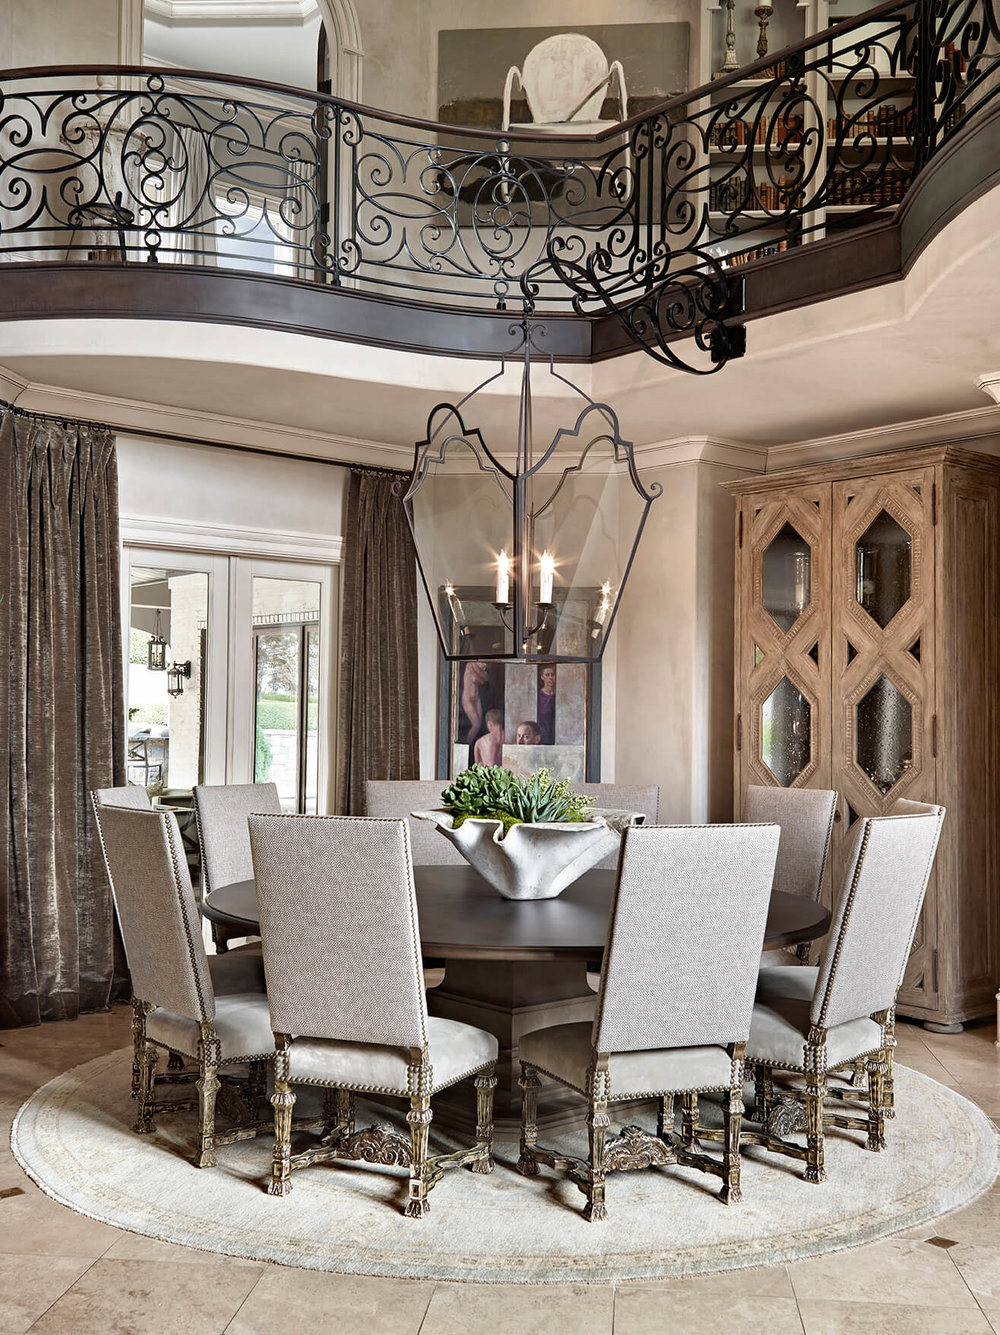 round-formal-dining-room-table-below-balcony-formal-transitional-bureau-interior-design-nashville-tn.jpg